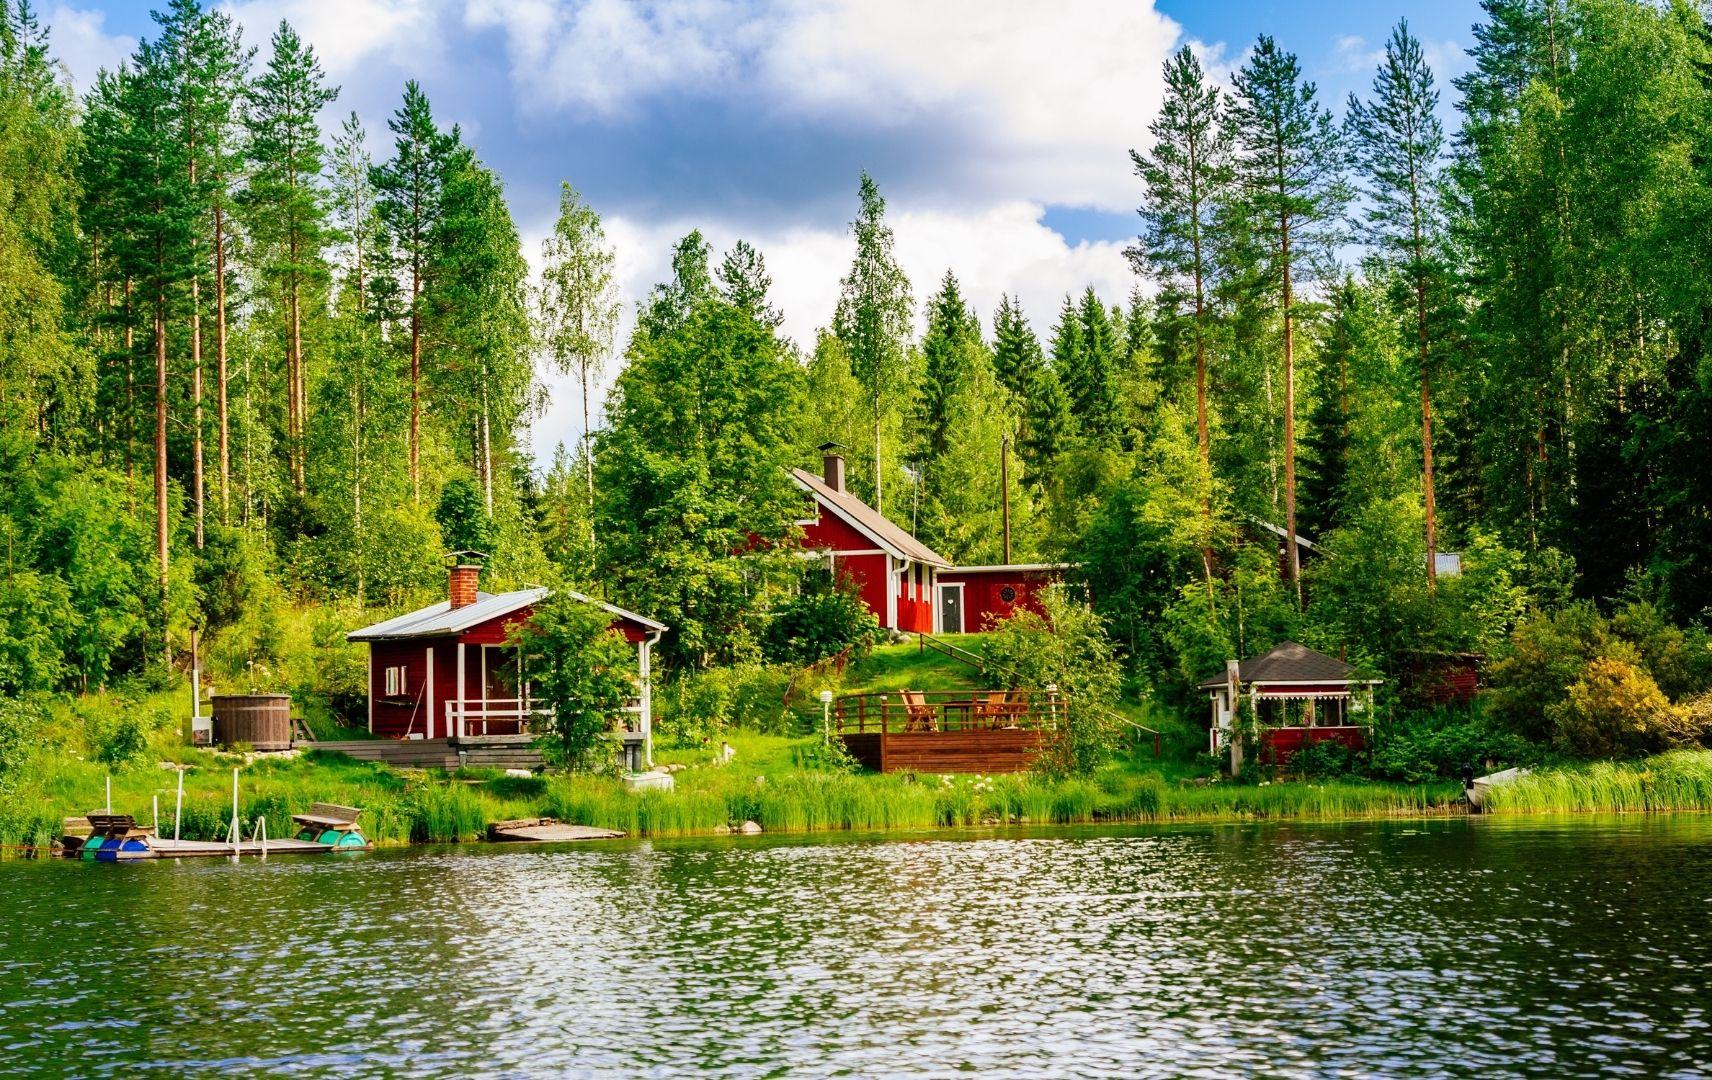 Valentinstag Reise - idyllisches Finnland